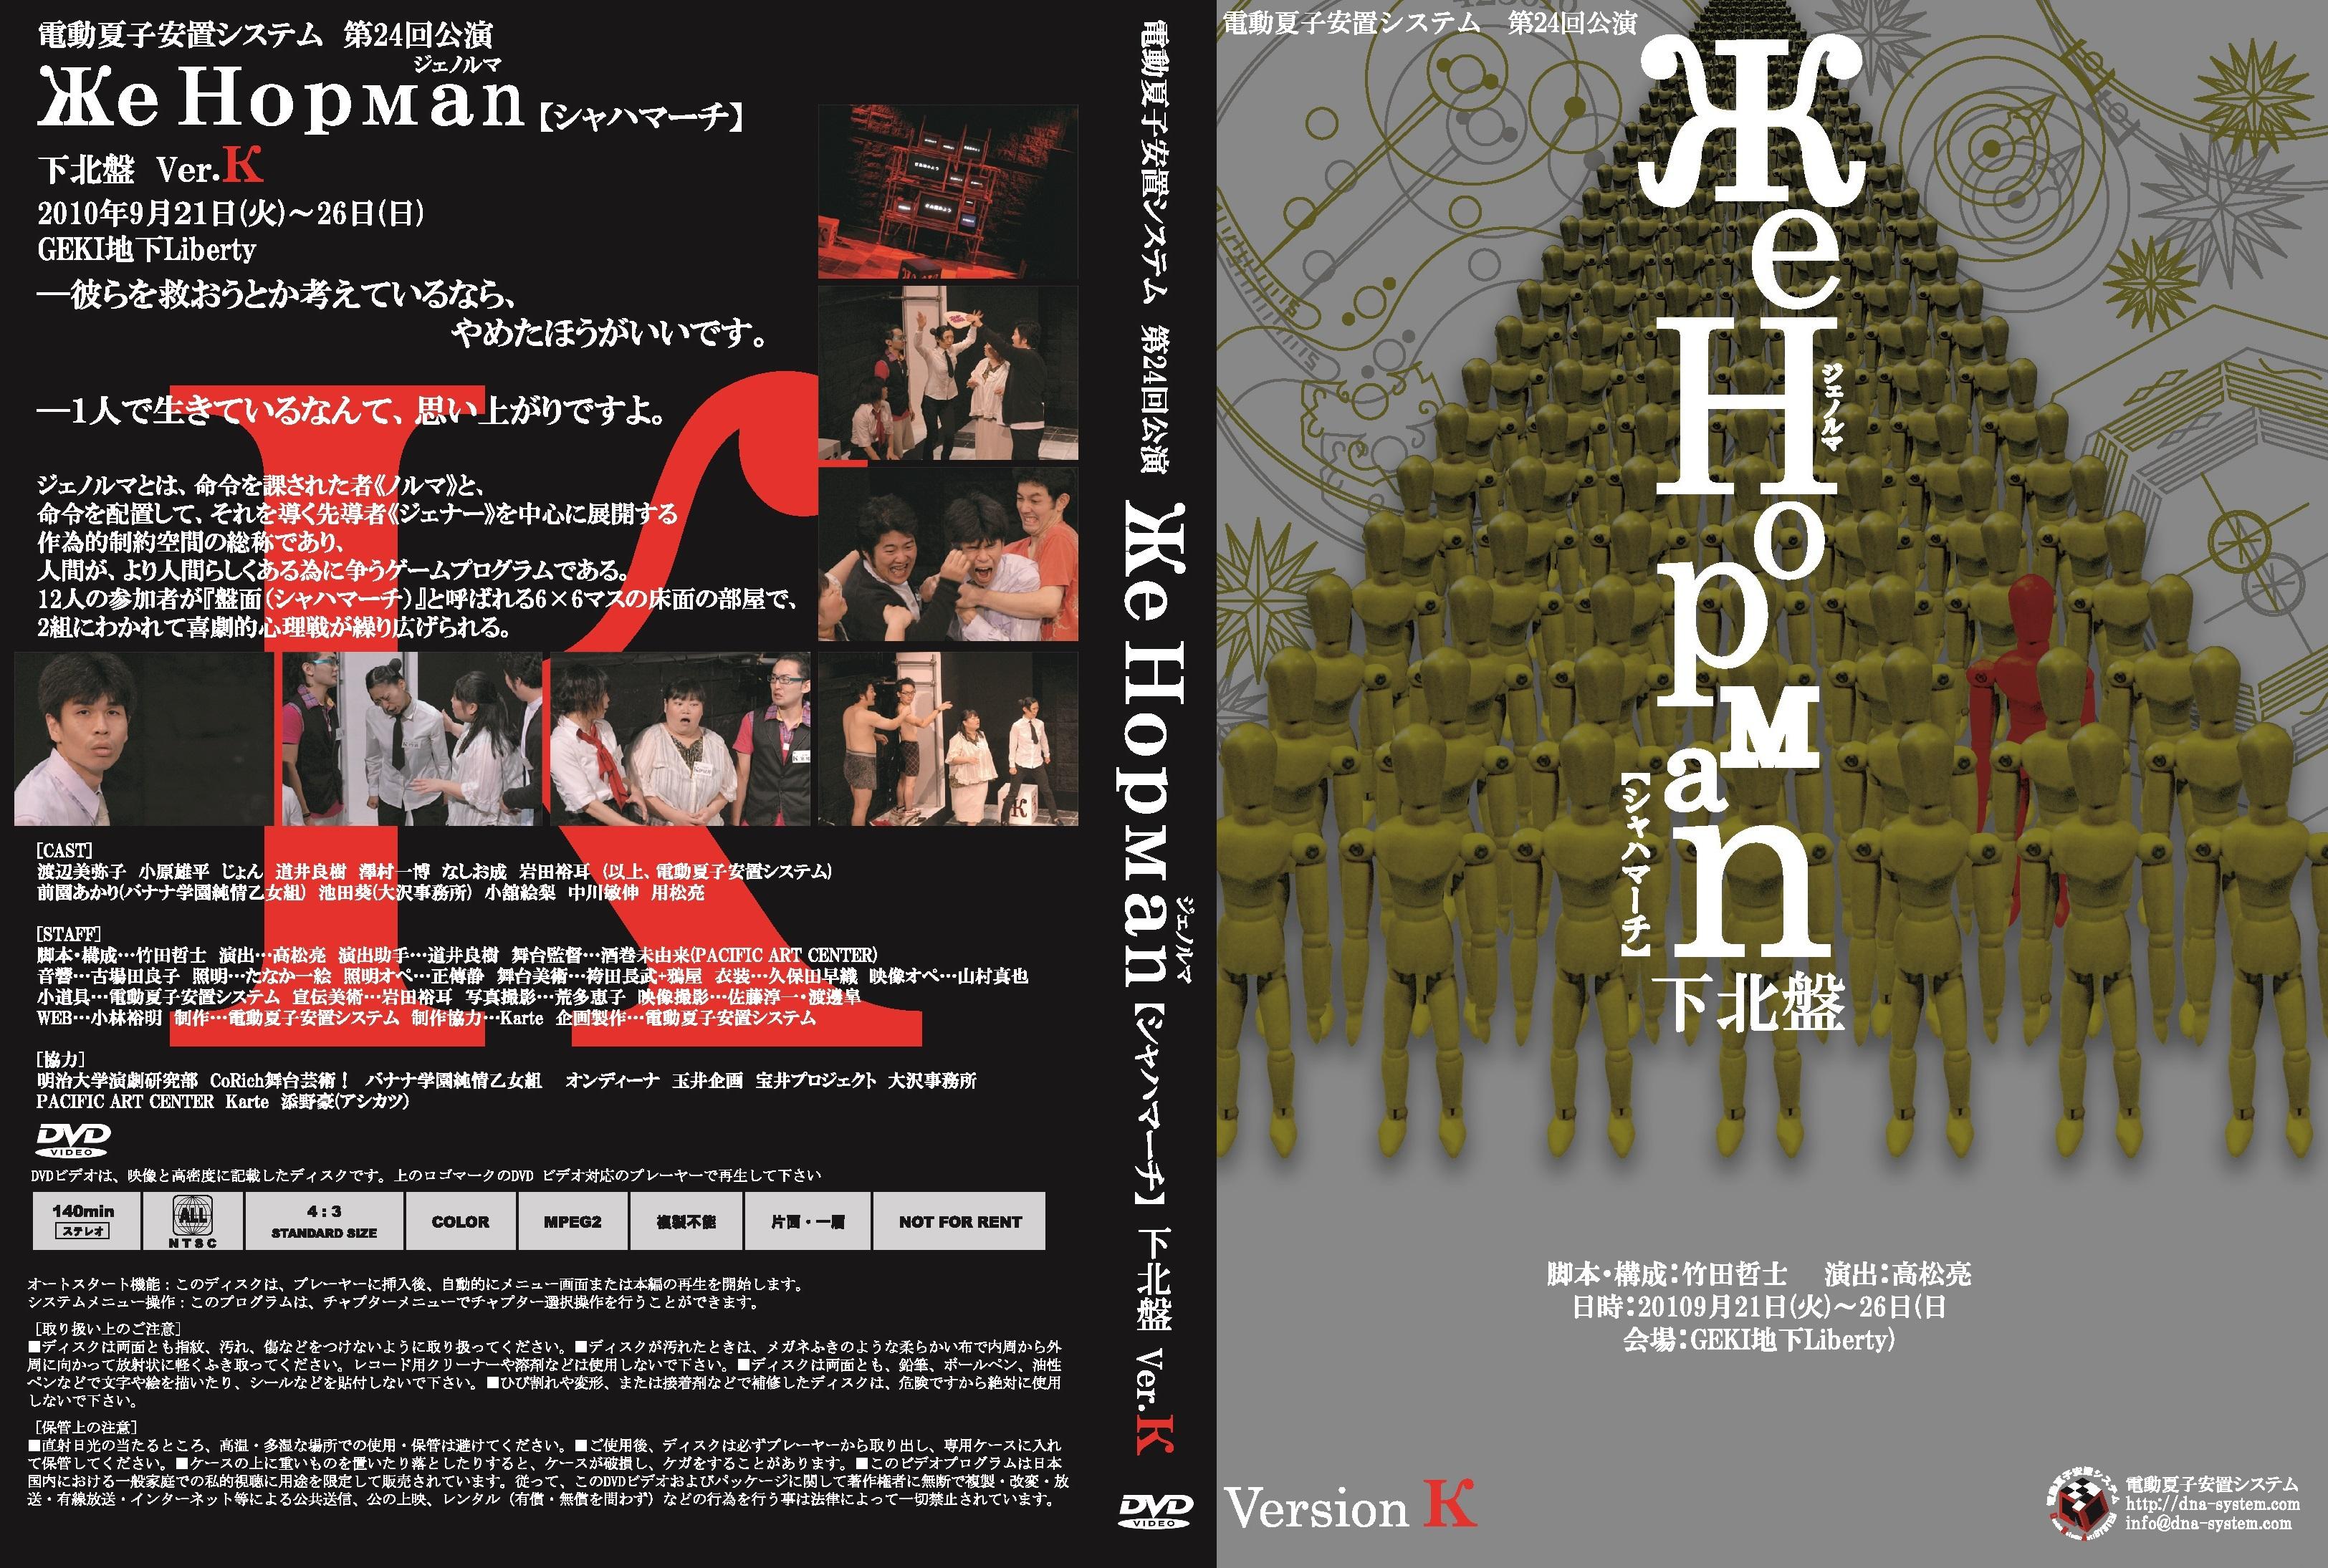 DVD 第24回公演『ЖeНoрмаn~シャハマーチ~【下北盤】』(К ver.)